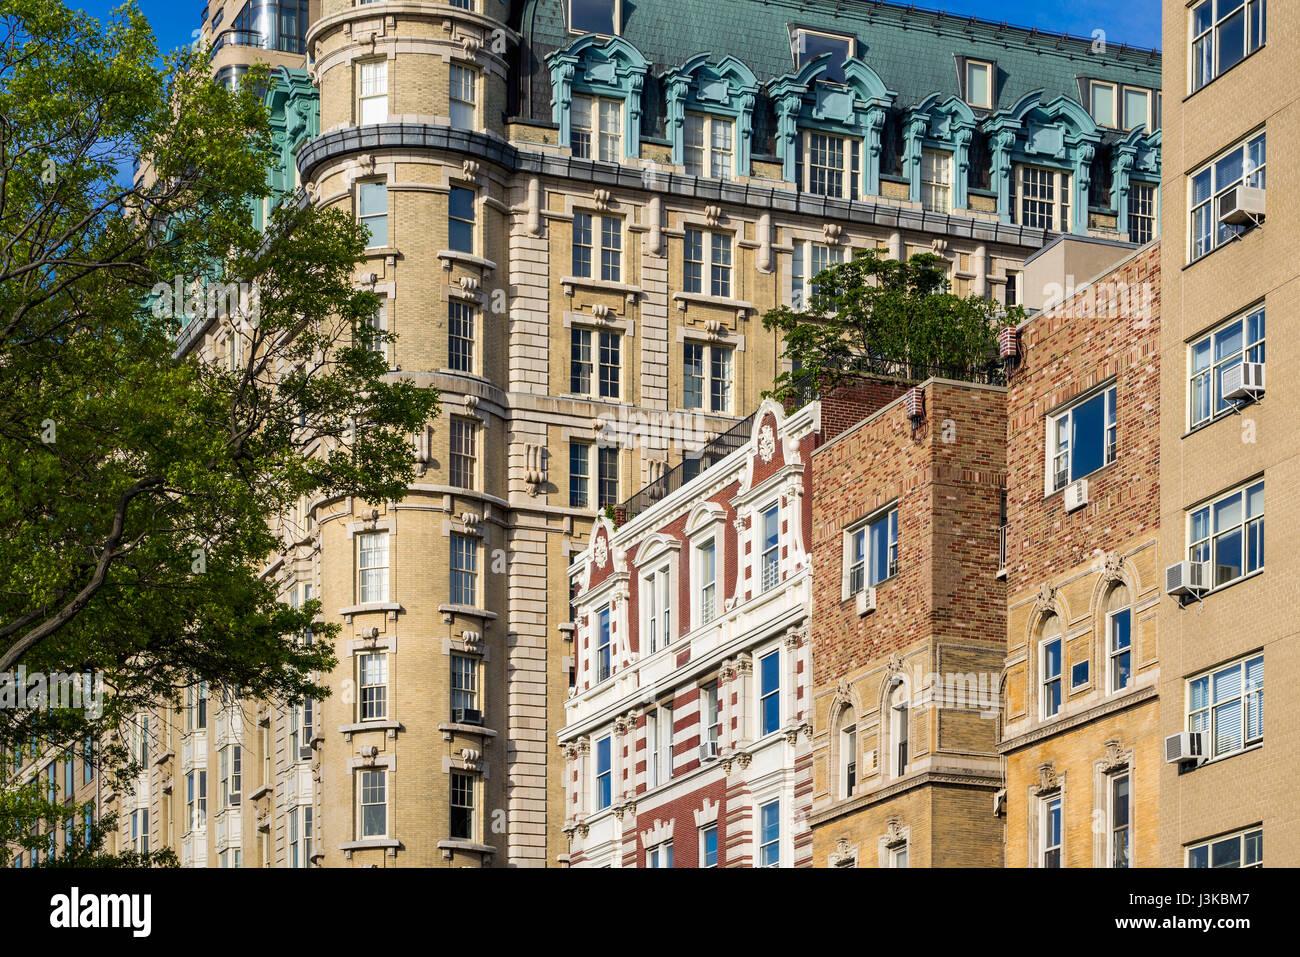 Façades des immeubles de grande hauteur sur Central Park West. Upper West Side sur matin ensoleillé. Manhattan, Photo Stock